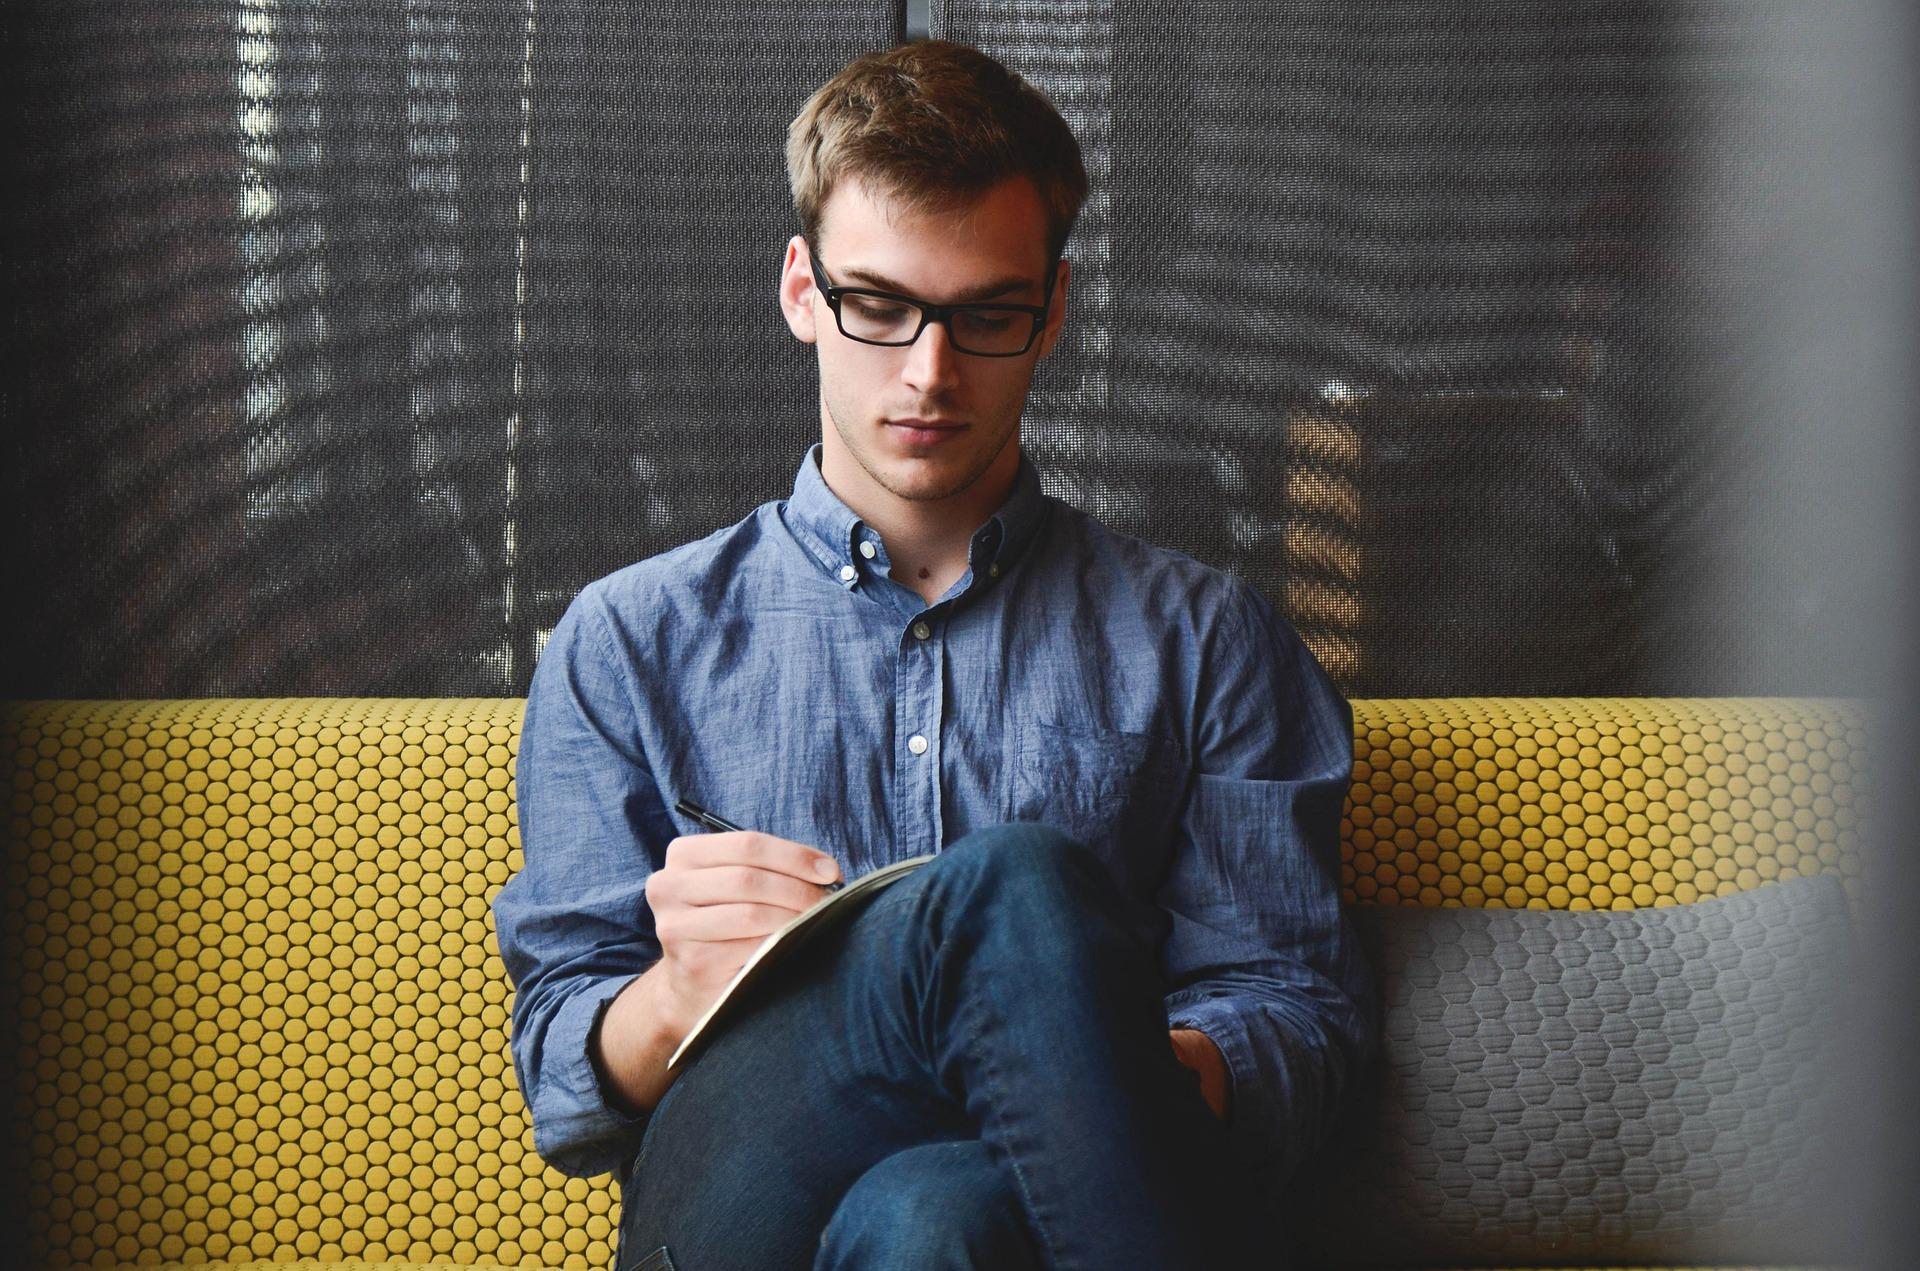 Jak przejść z trybu pracy online do offline? Hays Poland mediarun relaks biuro